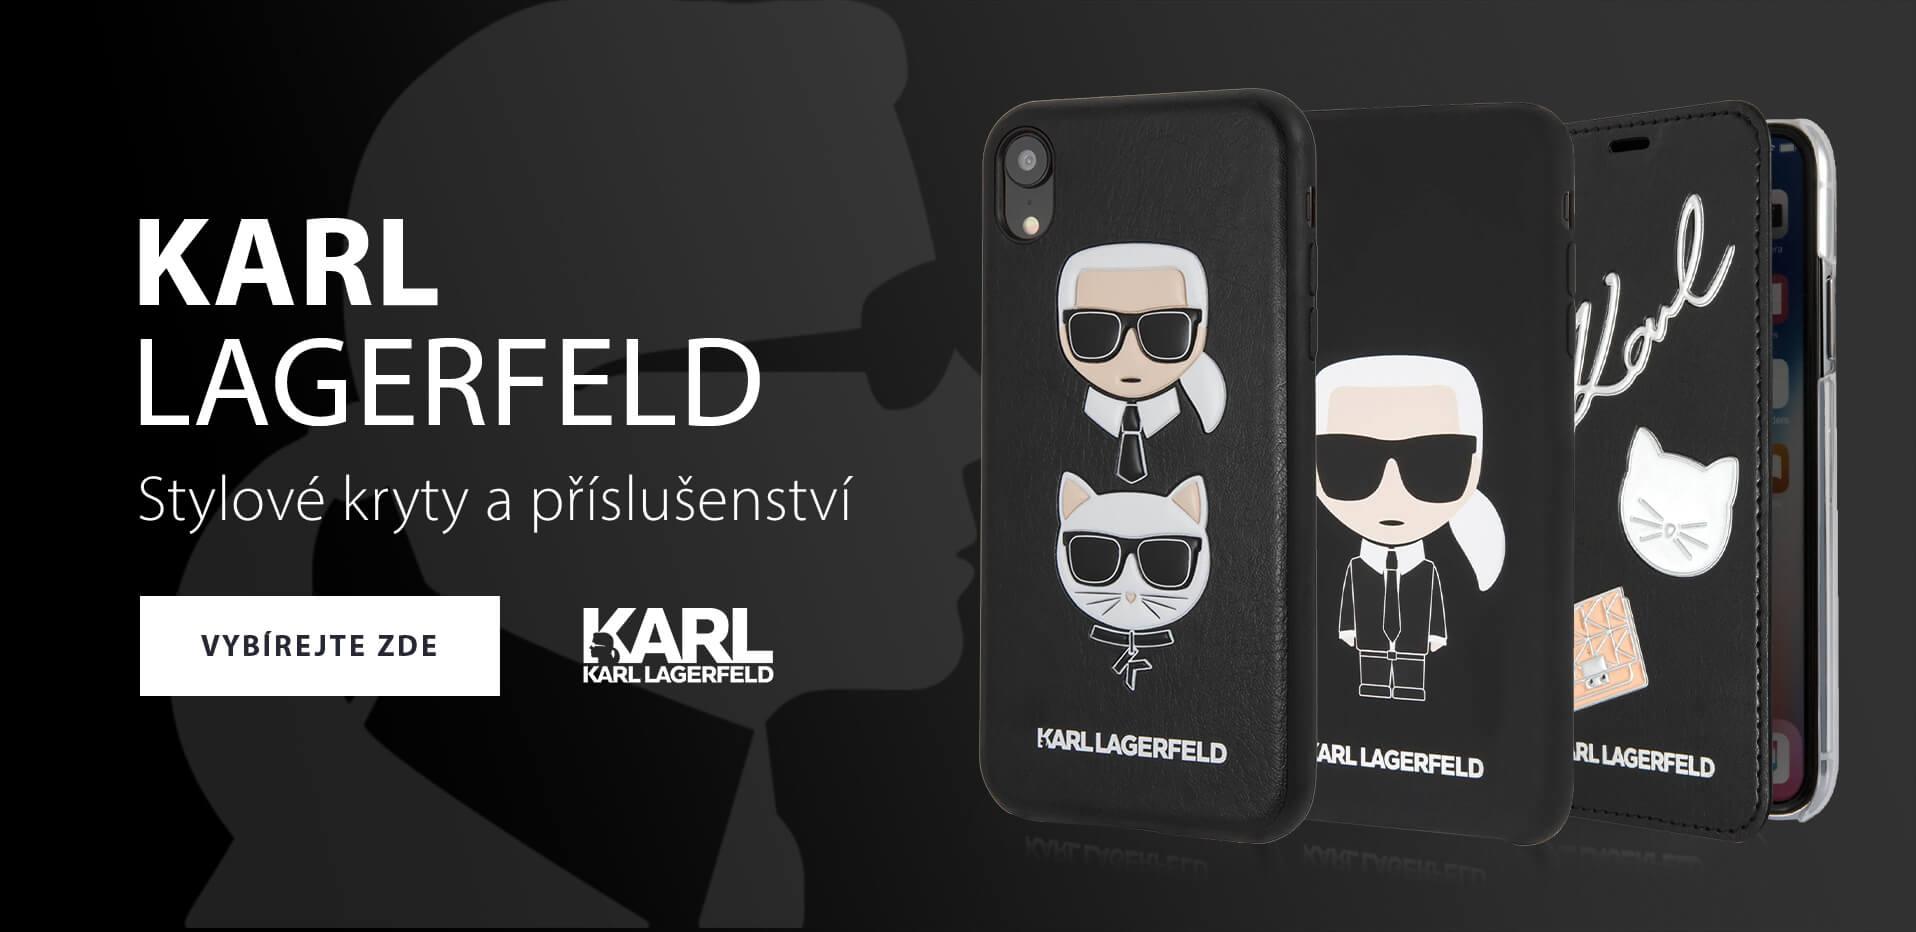 Pouzdra na iPhone Karl Lagerfeld